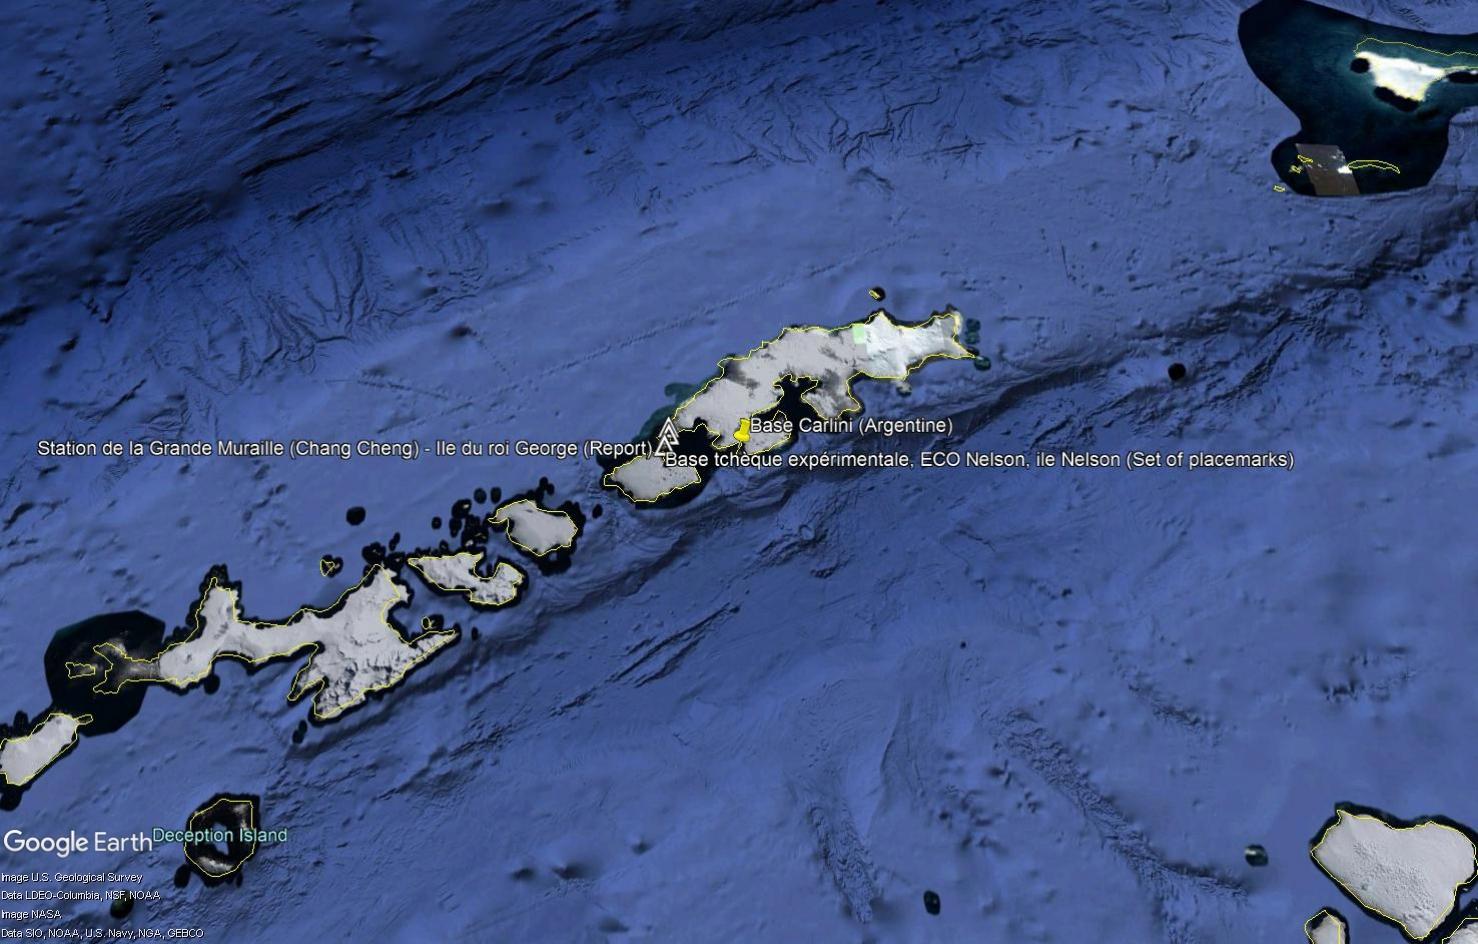 DEFI COLLECTIF : à la recherche des stations scientifiques de l'Antarctique avec Google Earth - Page 8 Tsge2056